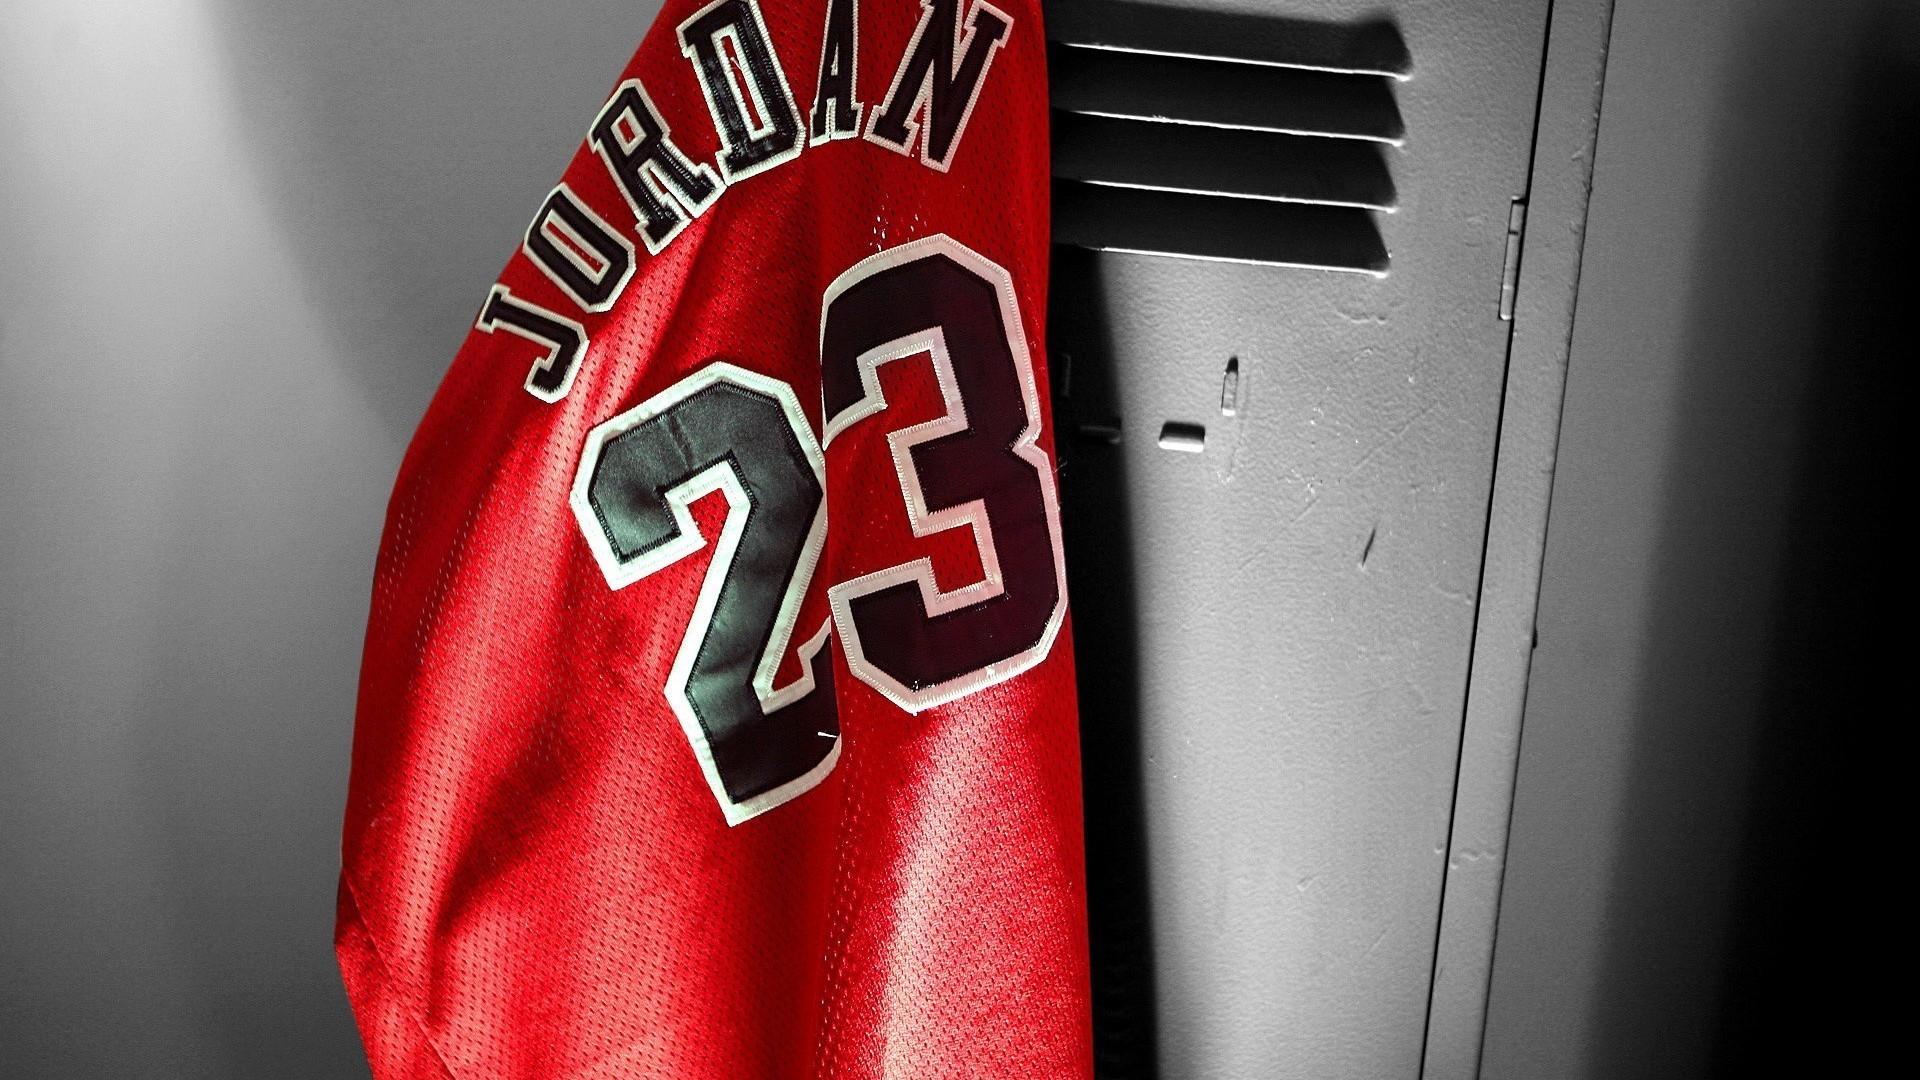 Chicago Bulls Iphone X Wallpapers Michael Jordan Wings Wallpaper 59 Images